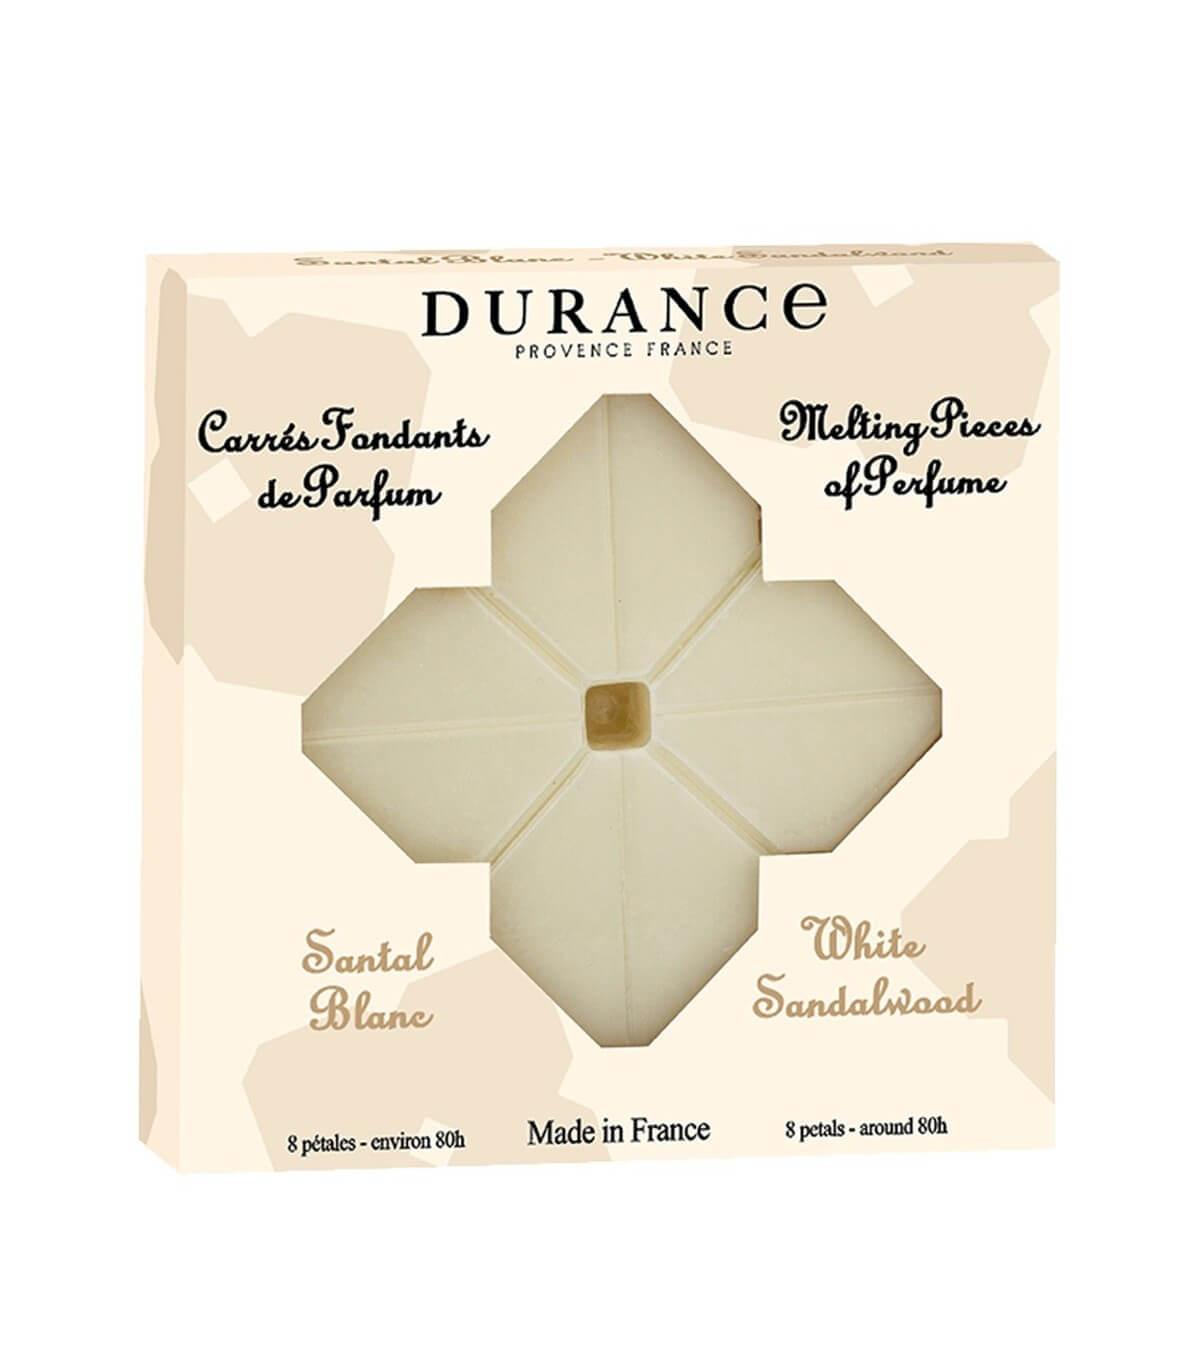 Carrés fondants de parfum santal blanc